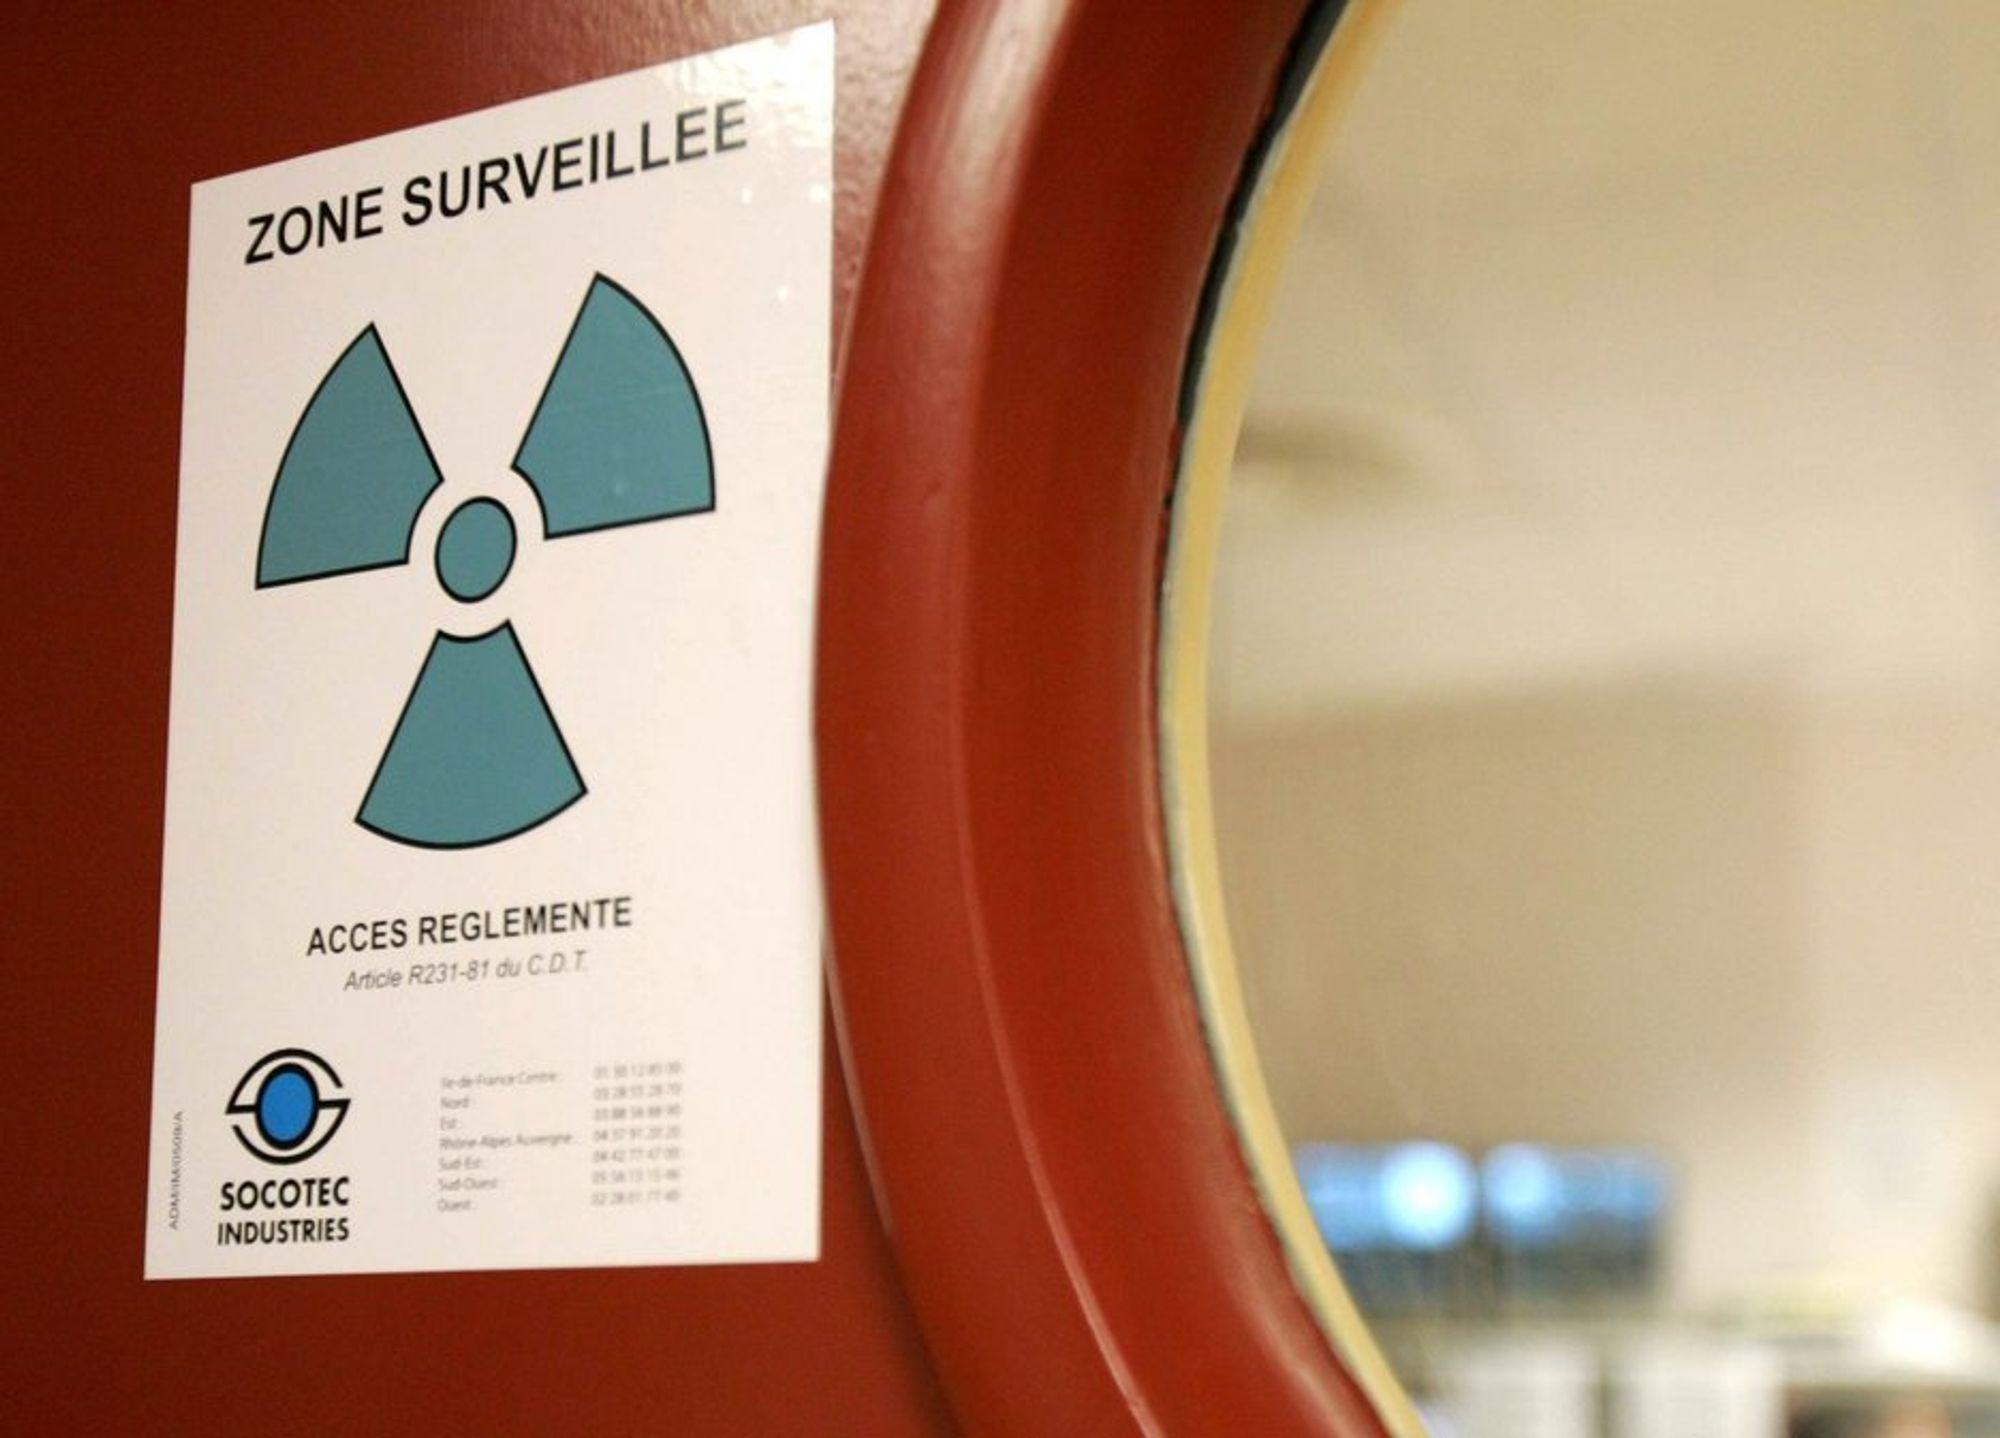 Den radioaktive isotopen jod-131 er funnet i små mengder i Europa.